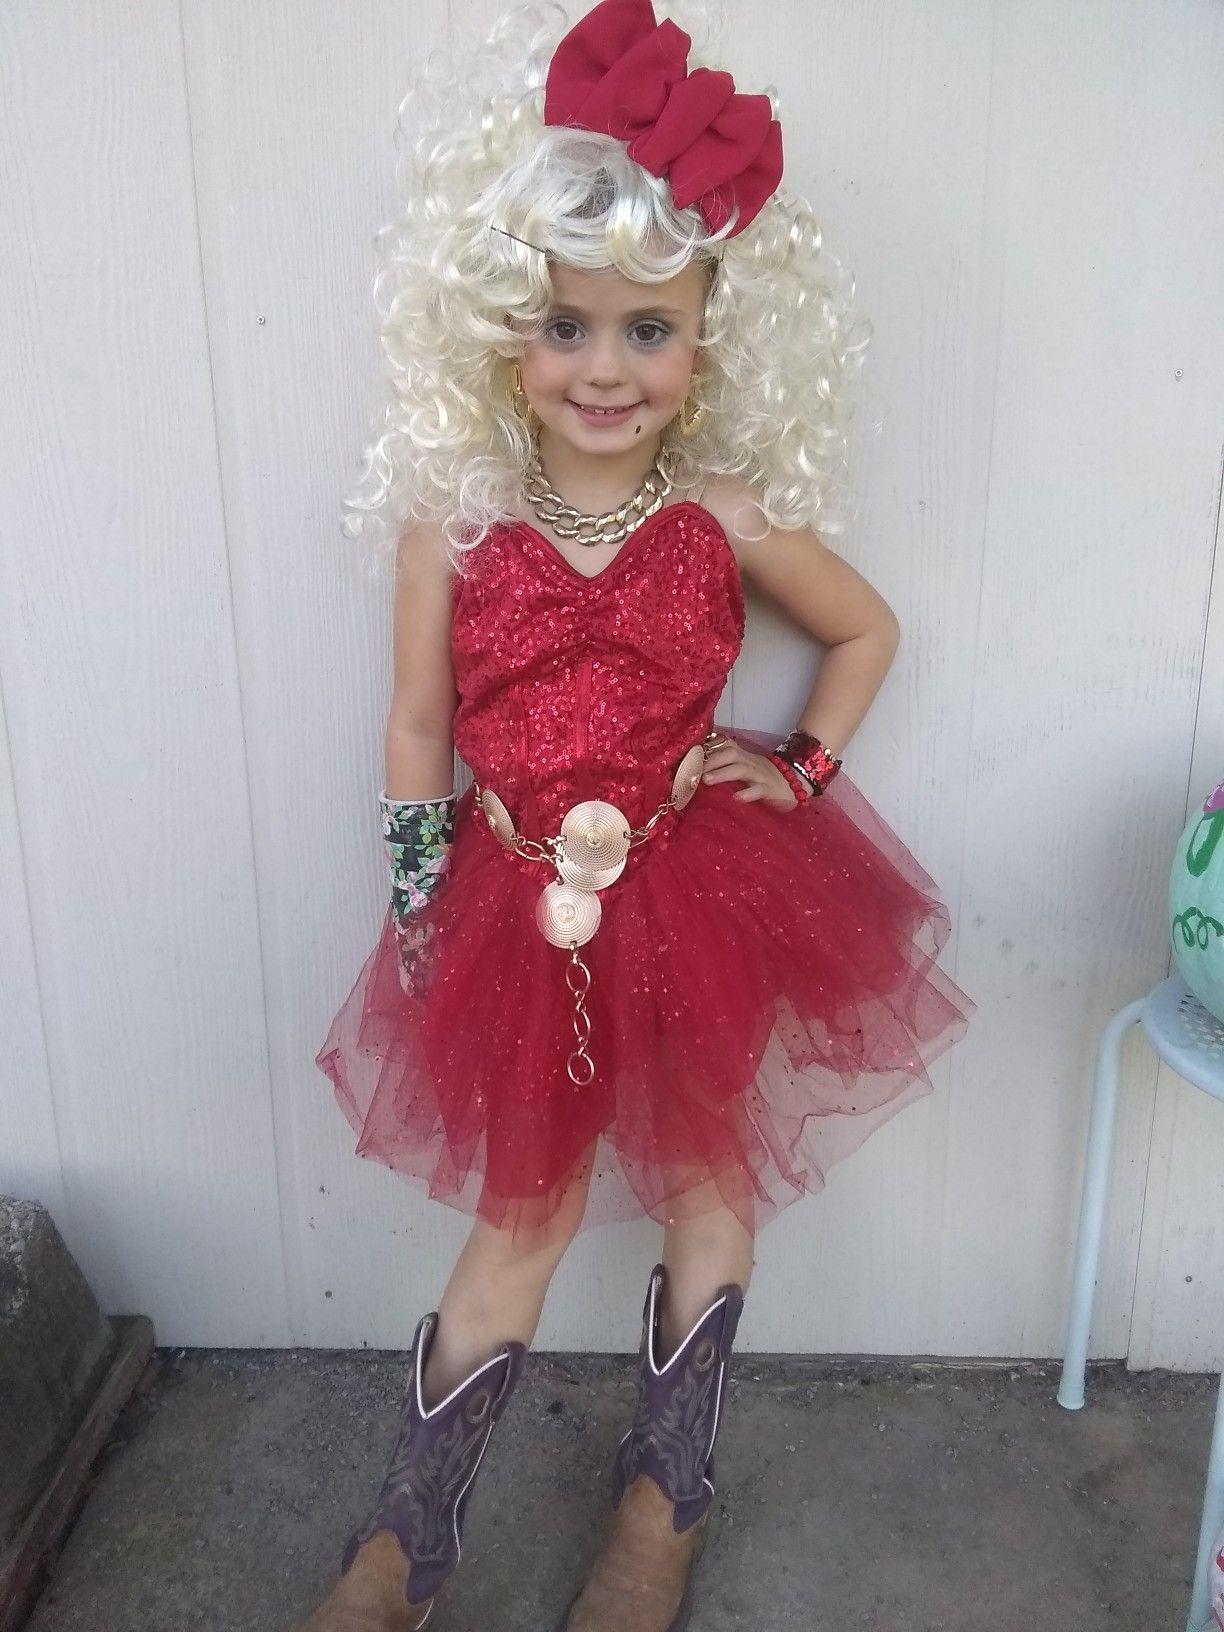 My Daughter Kenlees Halloween Costume